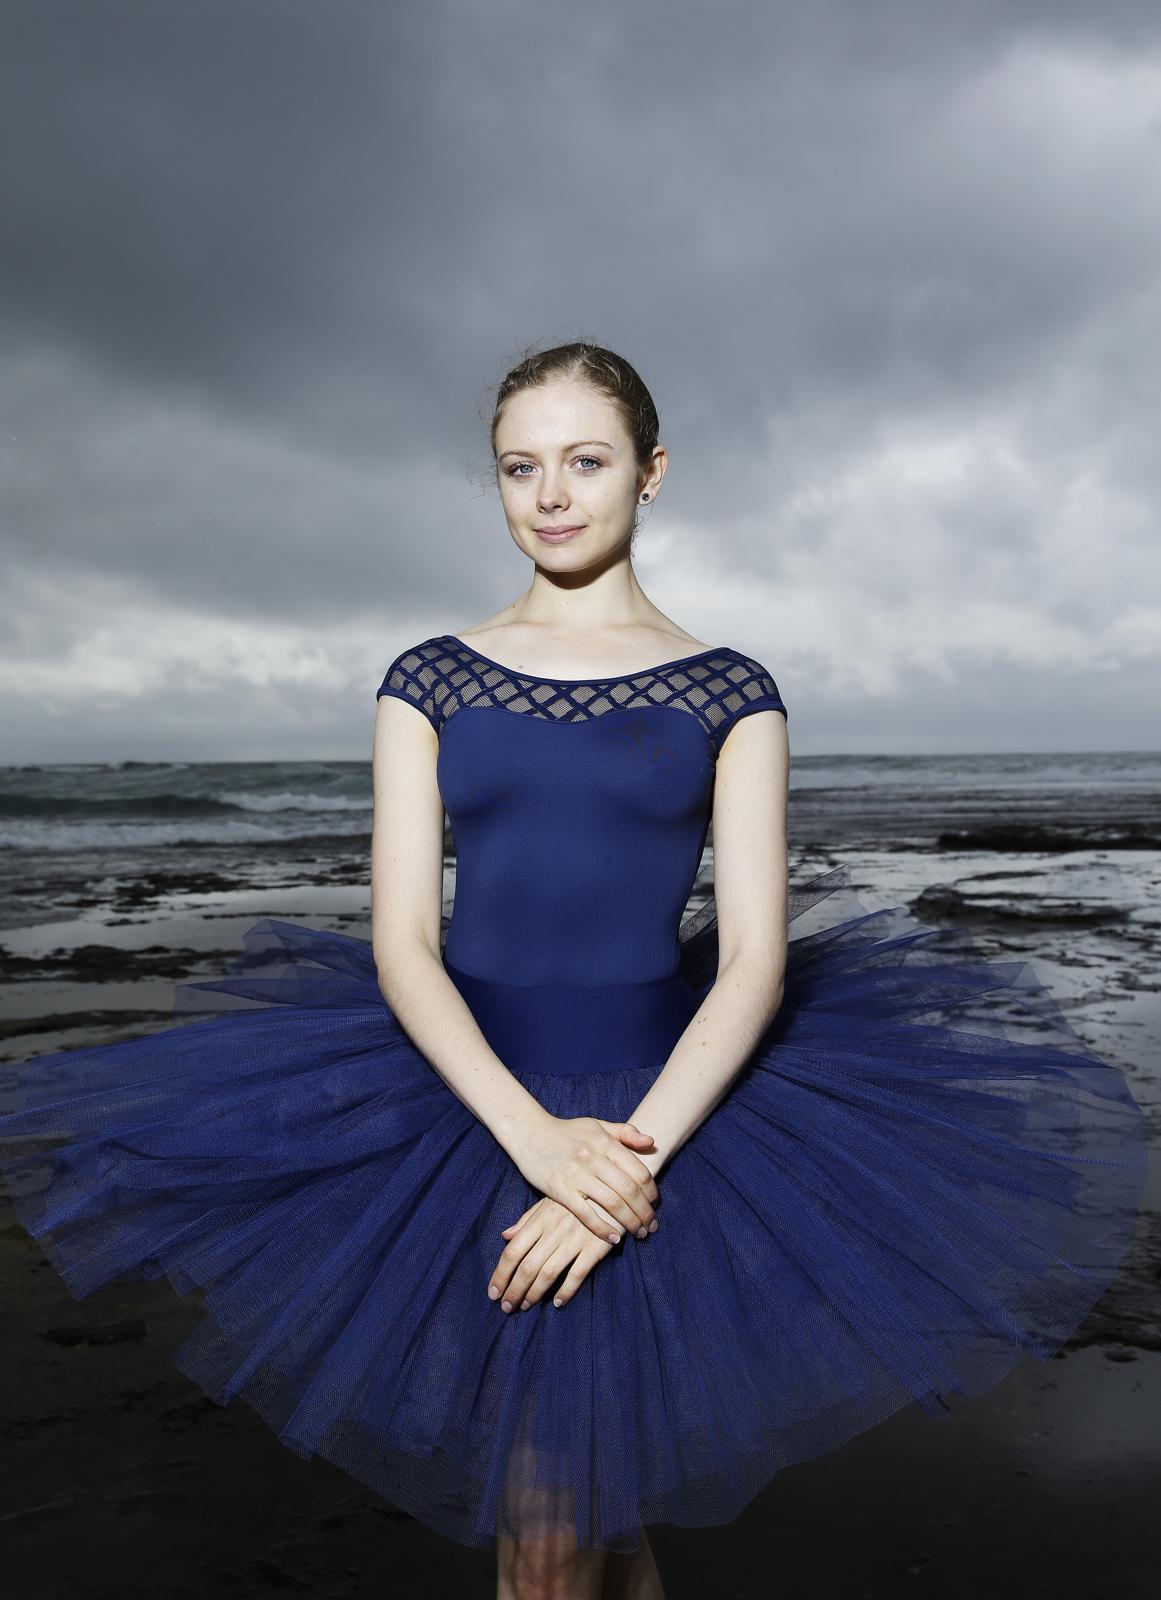 Natalie Payne